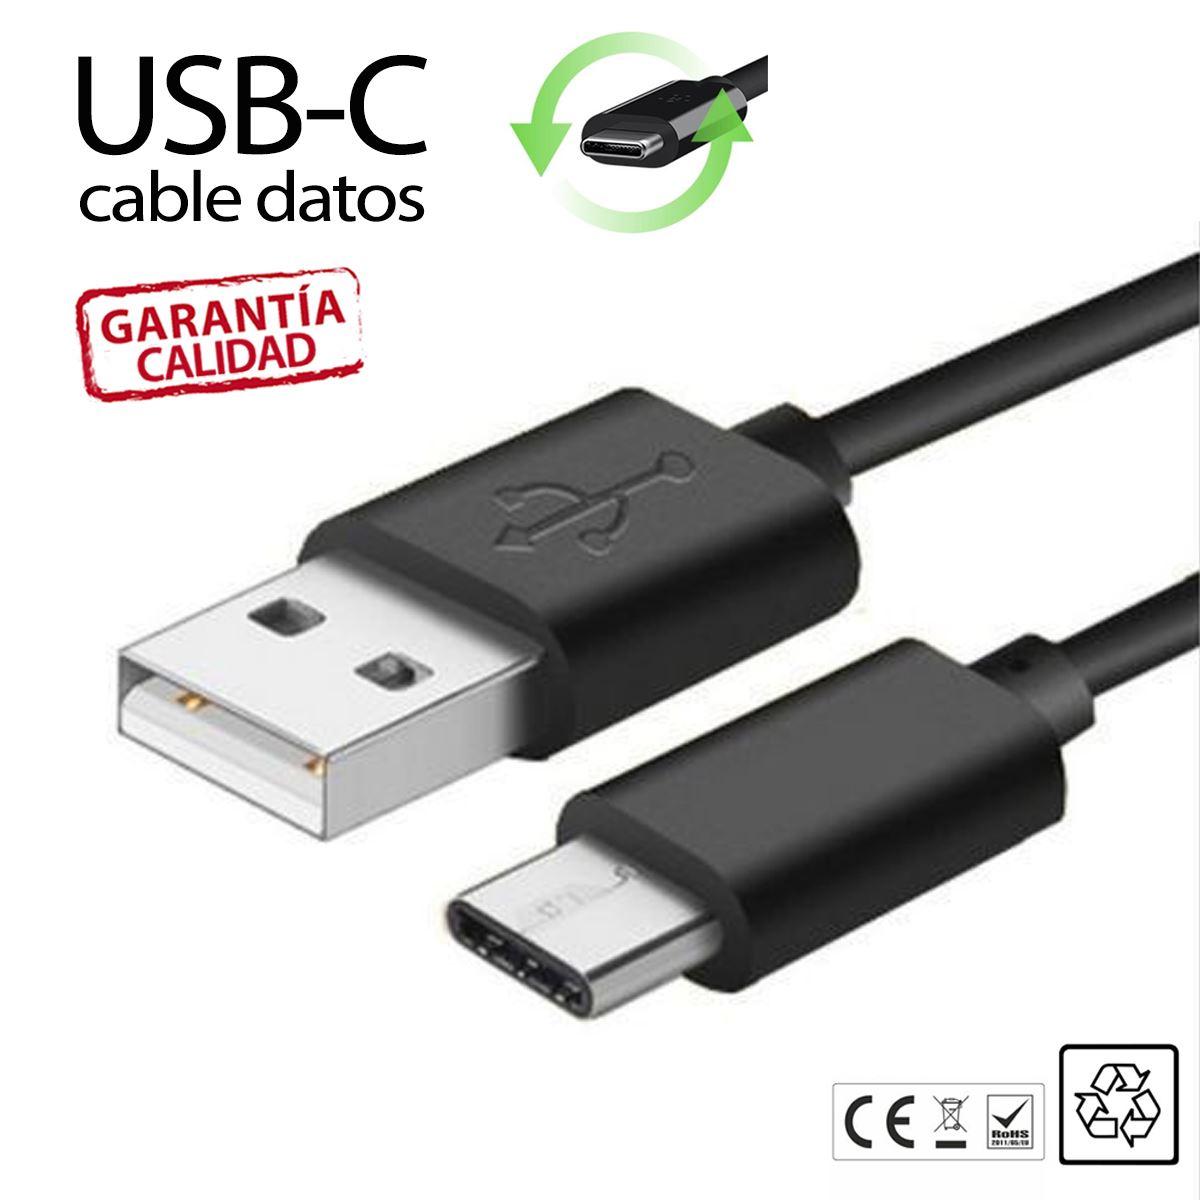 5 unids USB 3.1 Tipo C Macho a Micro USB Adaptador de Datos Conector Transferencia de Sincronizaci/ón para Apple Macbook Tablet Tel/éfono M/óvil